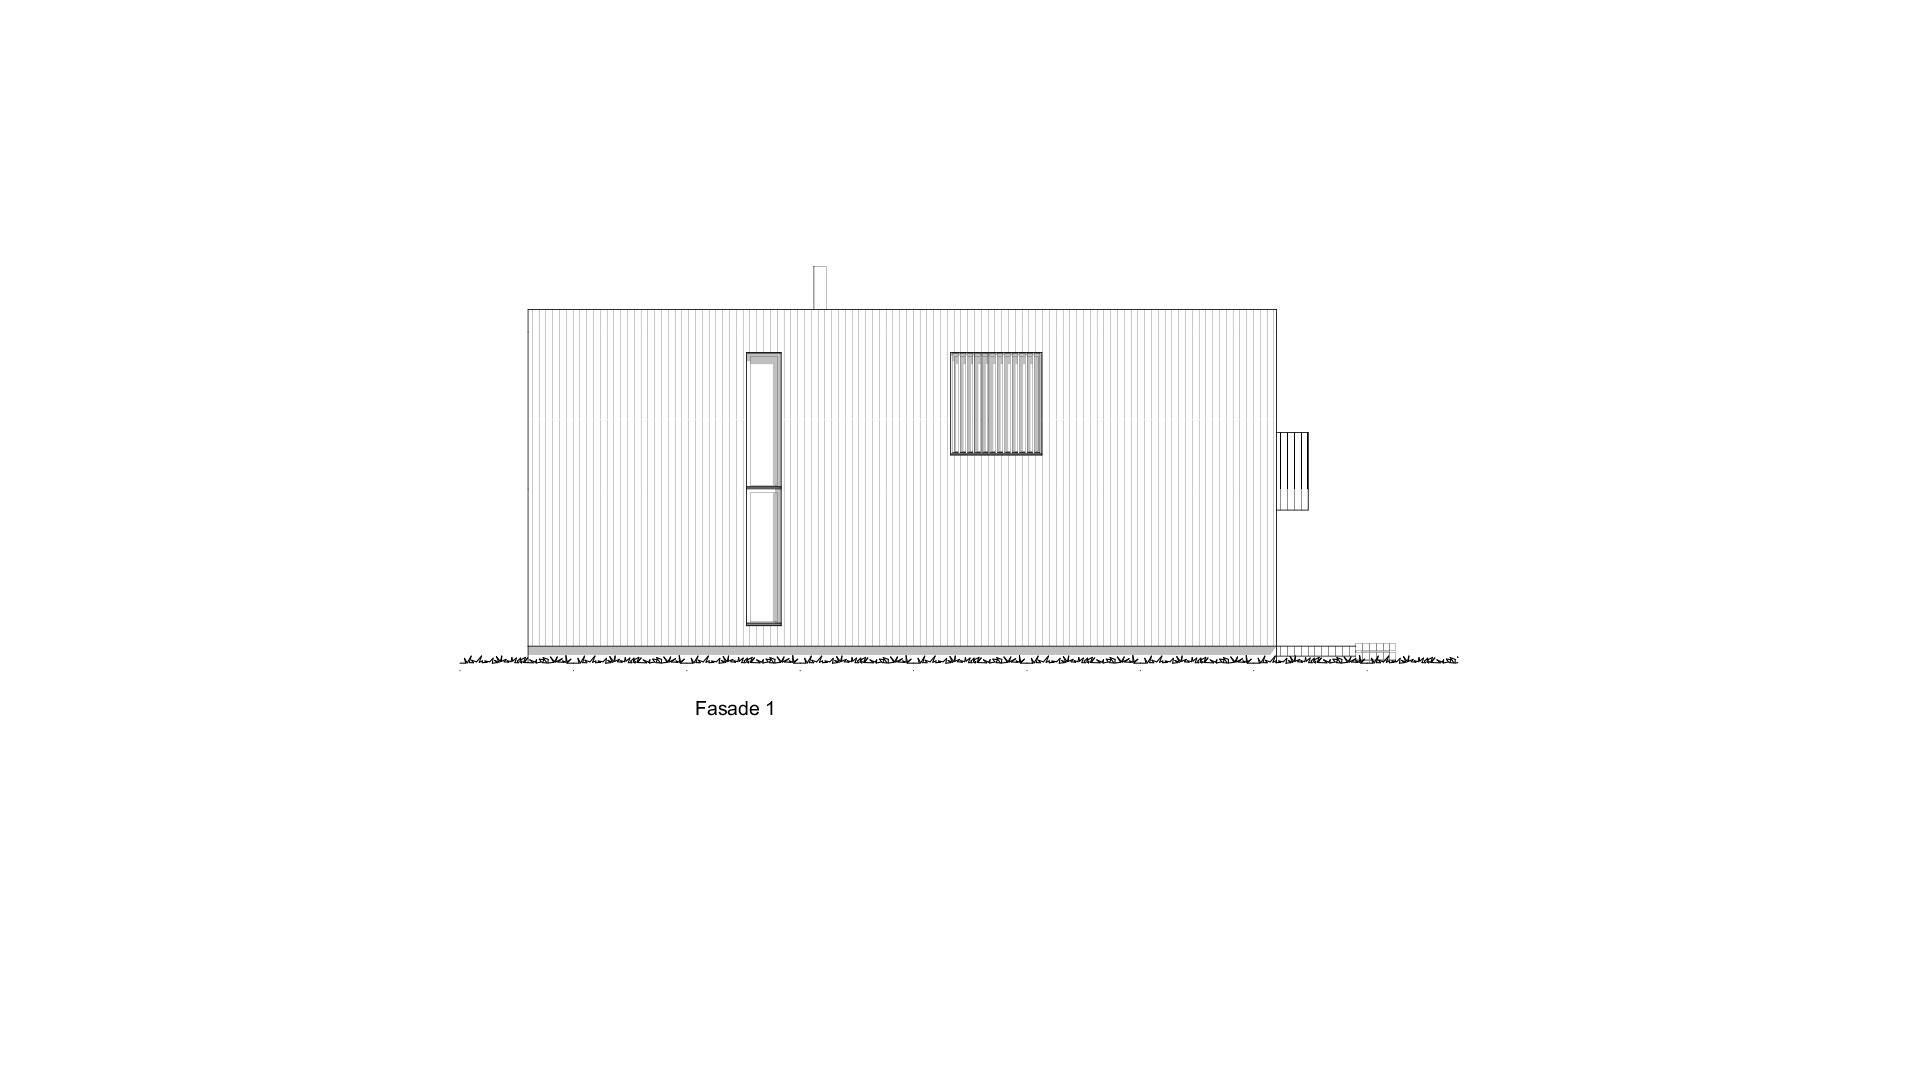 17-Bretten_Fasade1.jpg